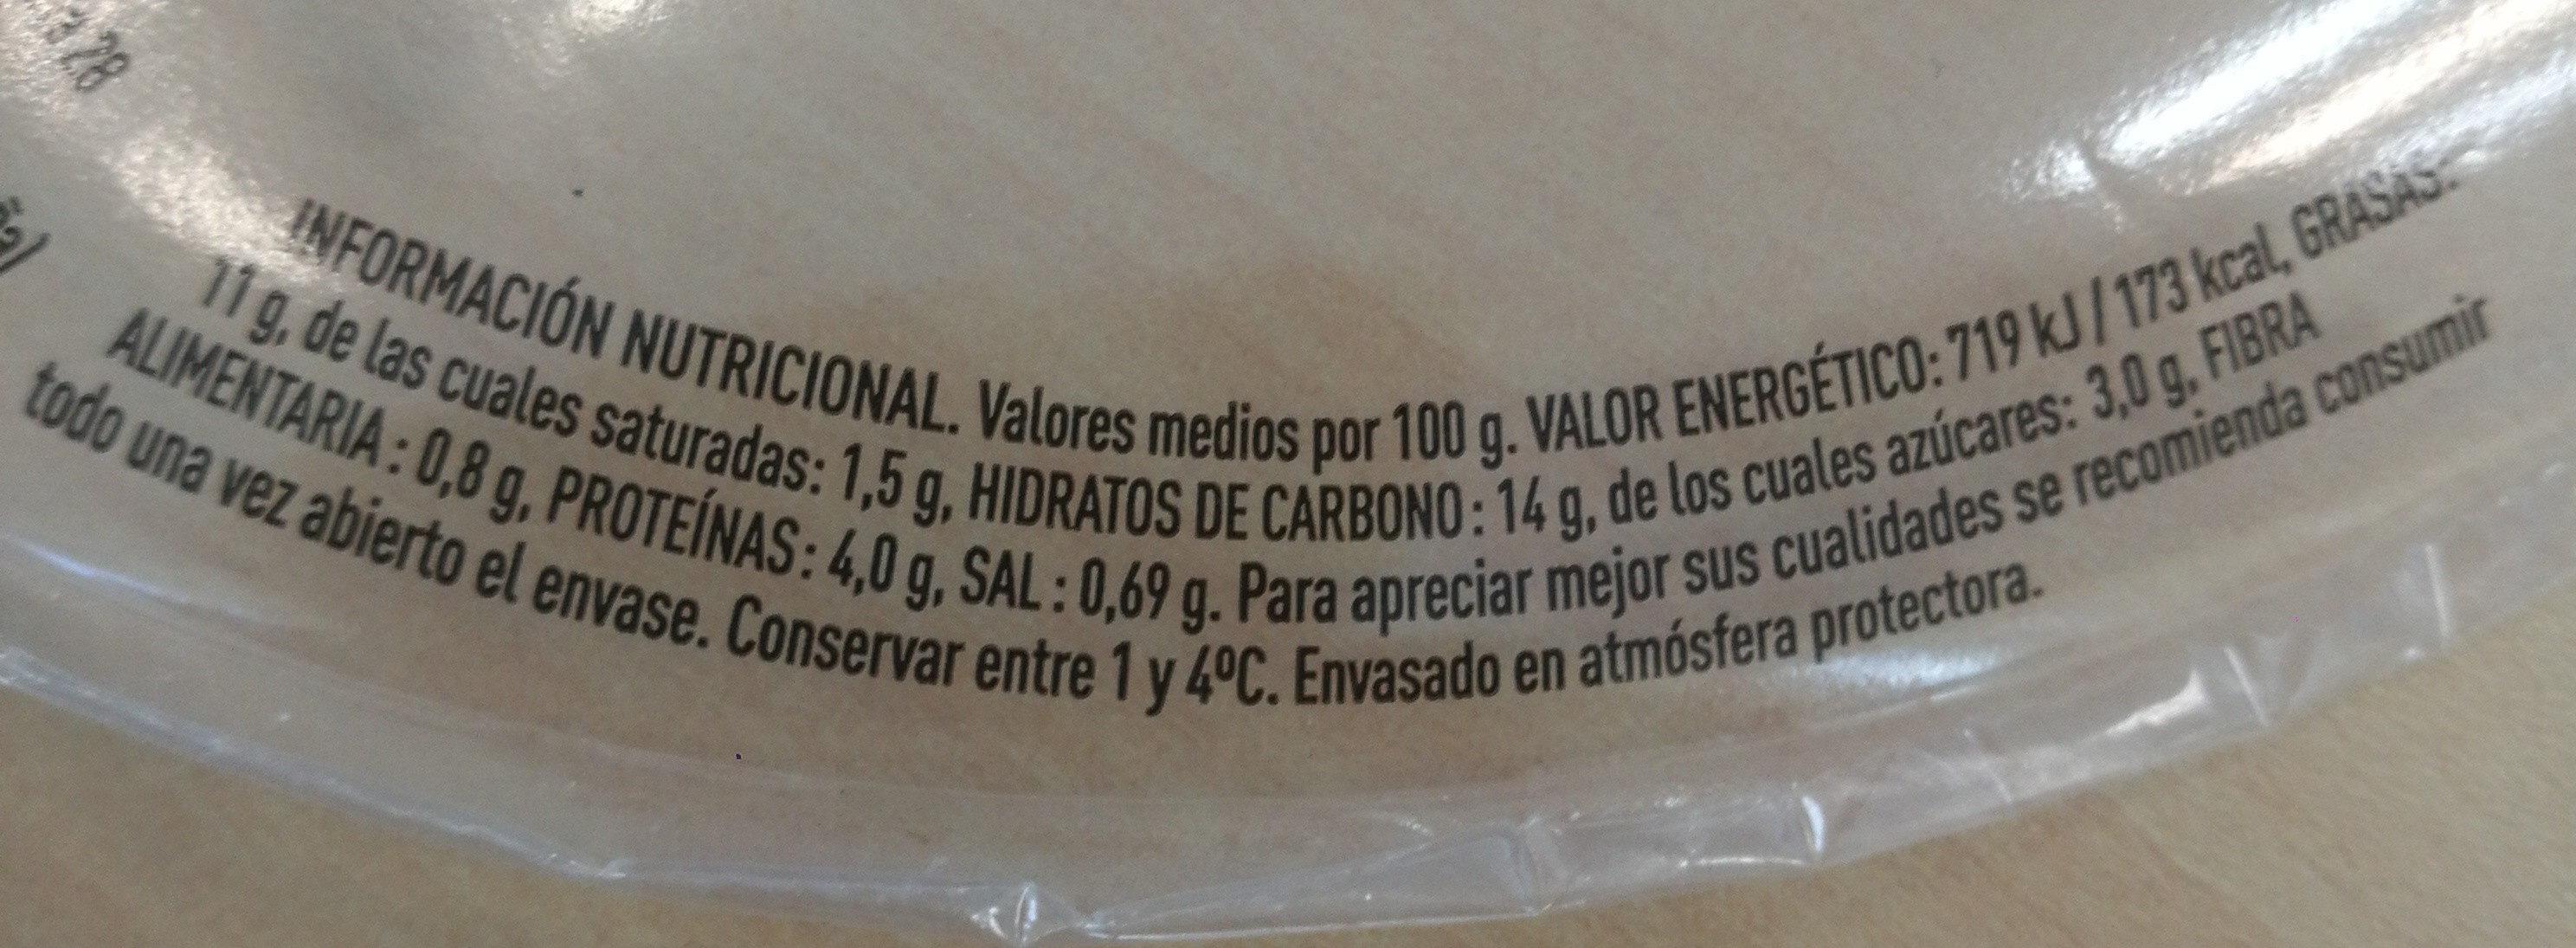 Ensalada completa de pasta - Nutrition facts